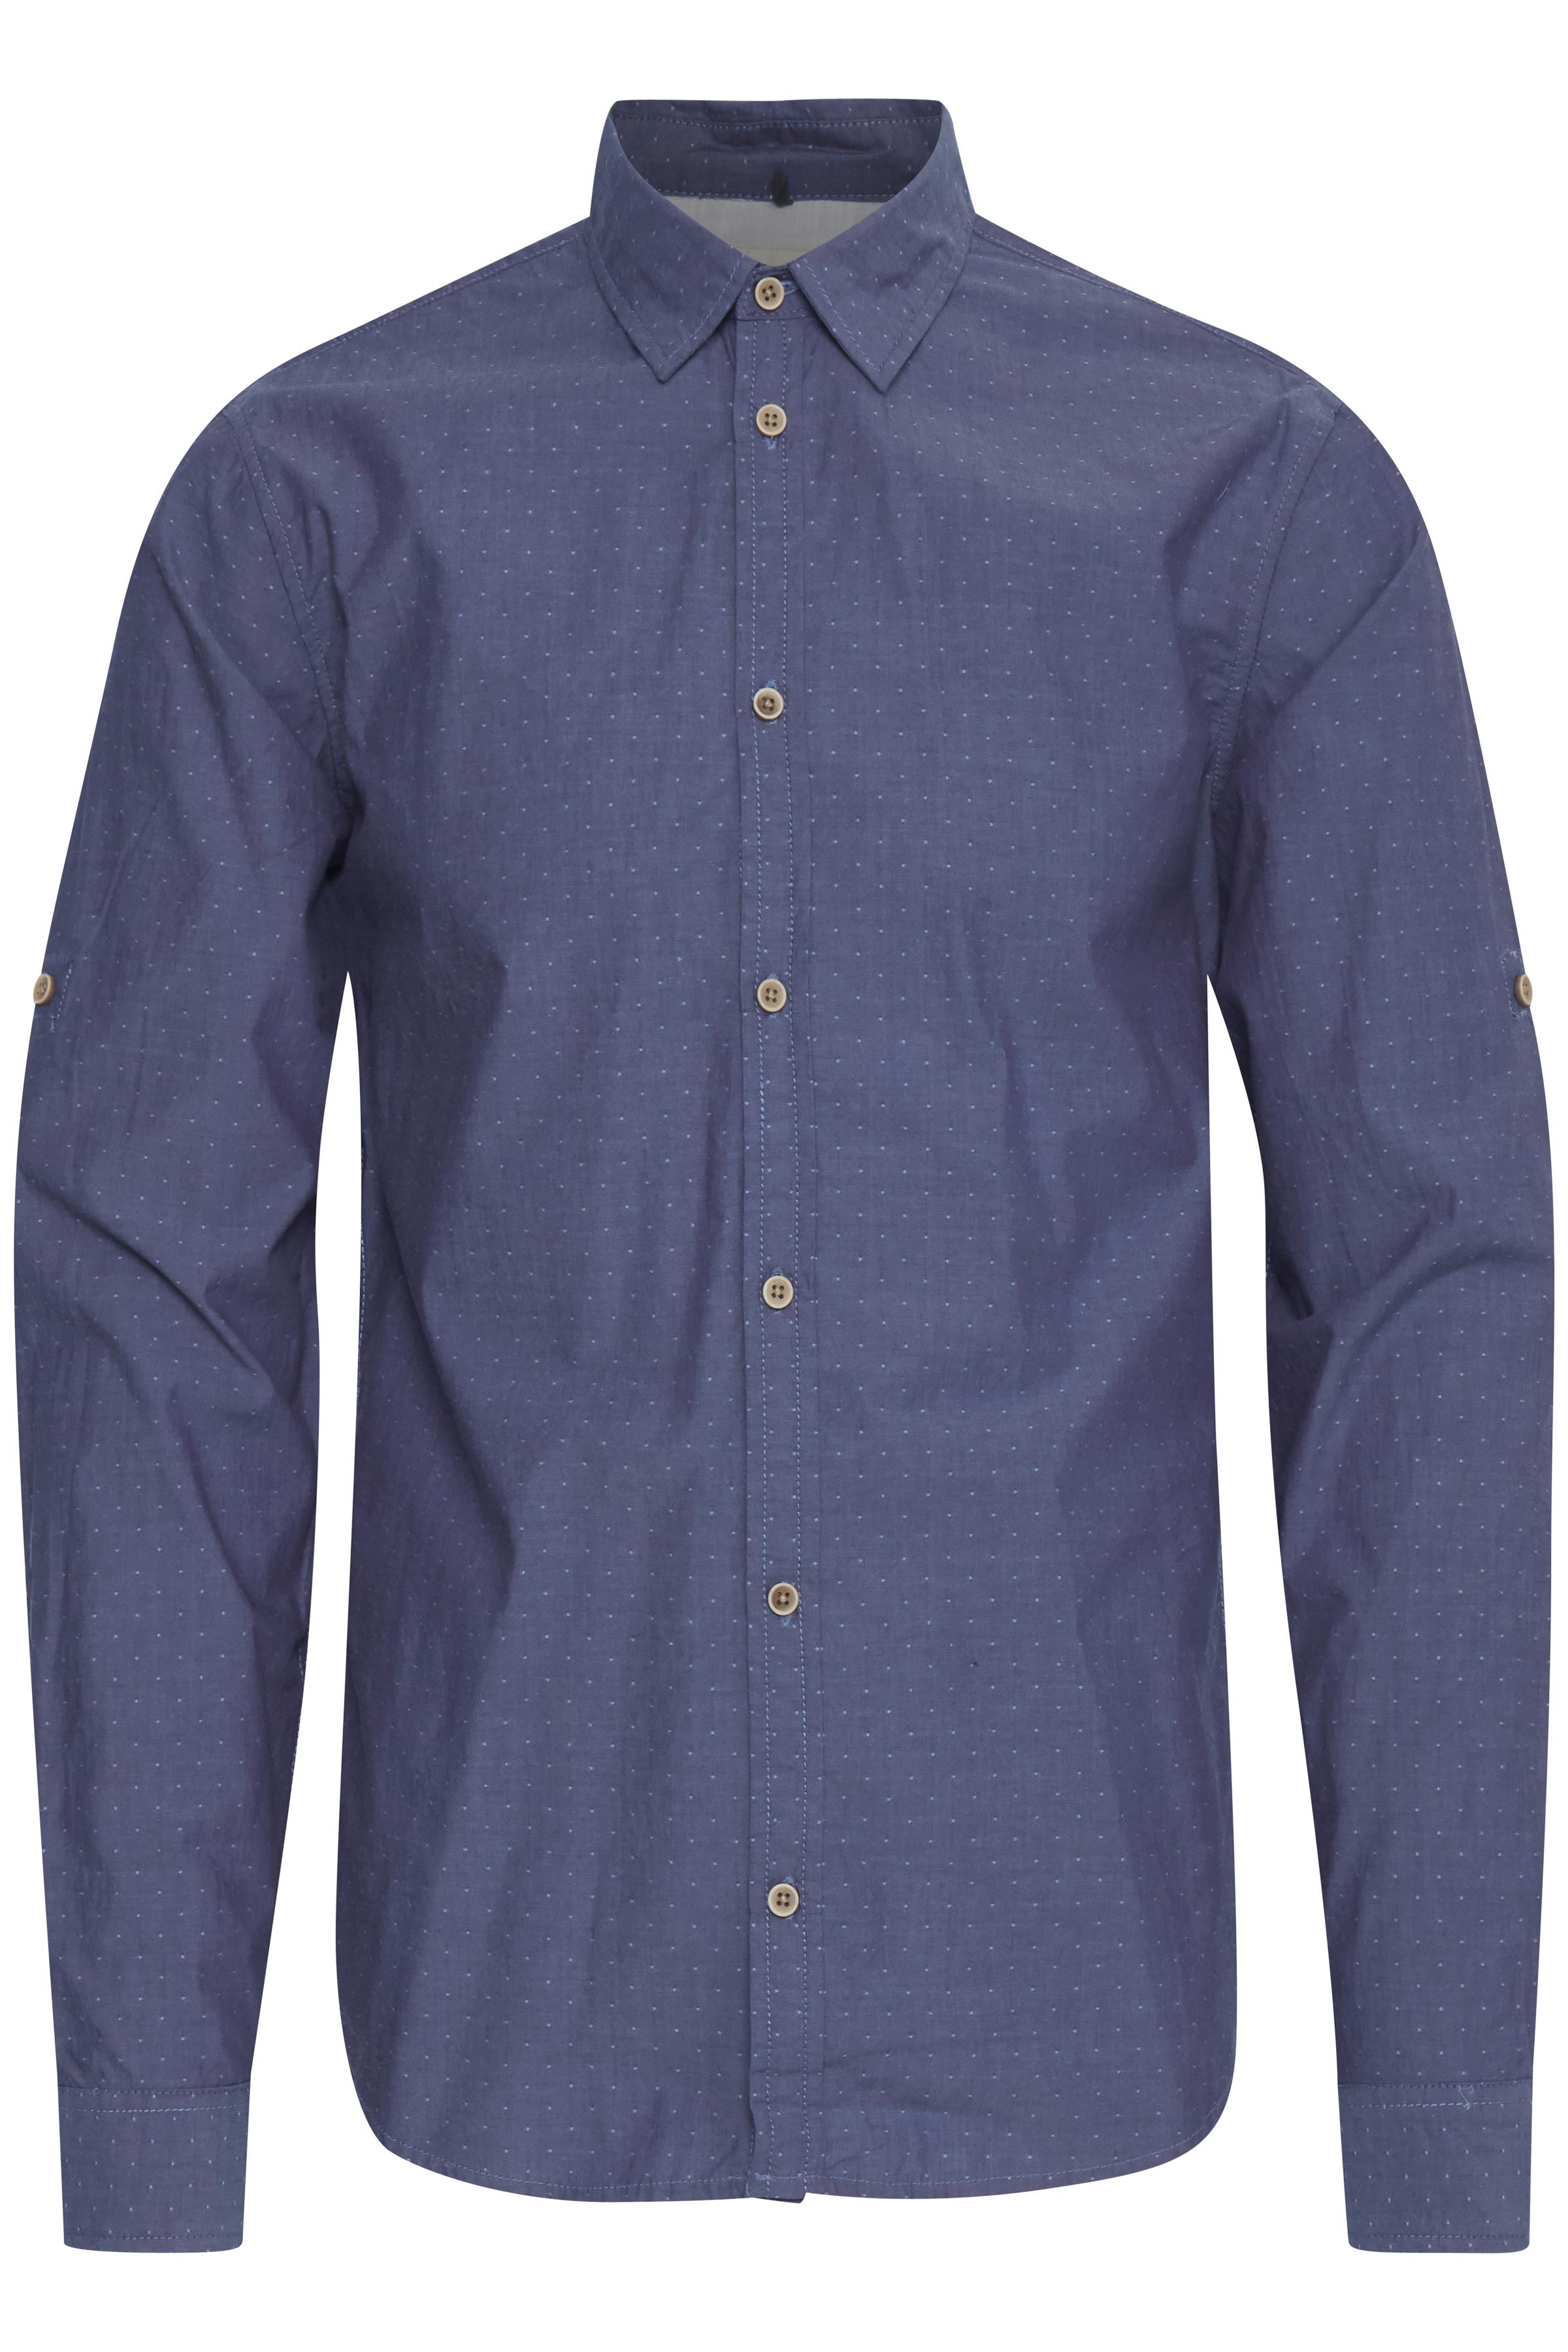 Billede af Blend He Herre Langærmet skjorte - Coronet Blue